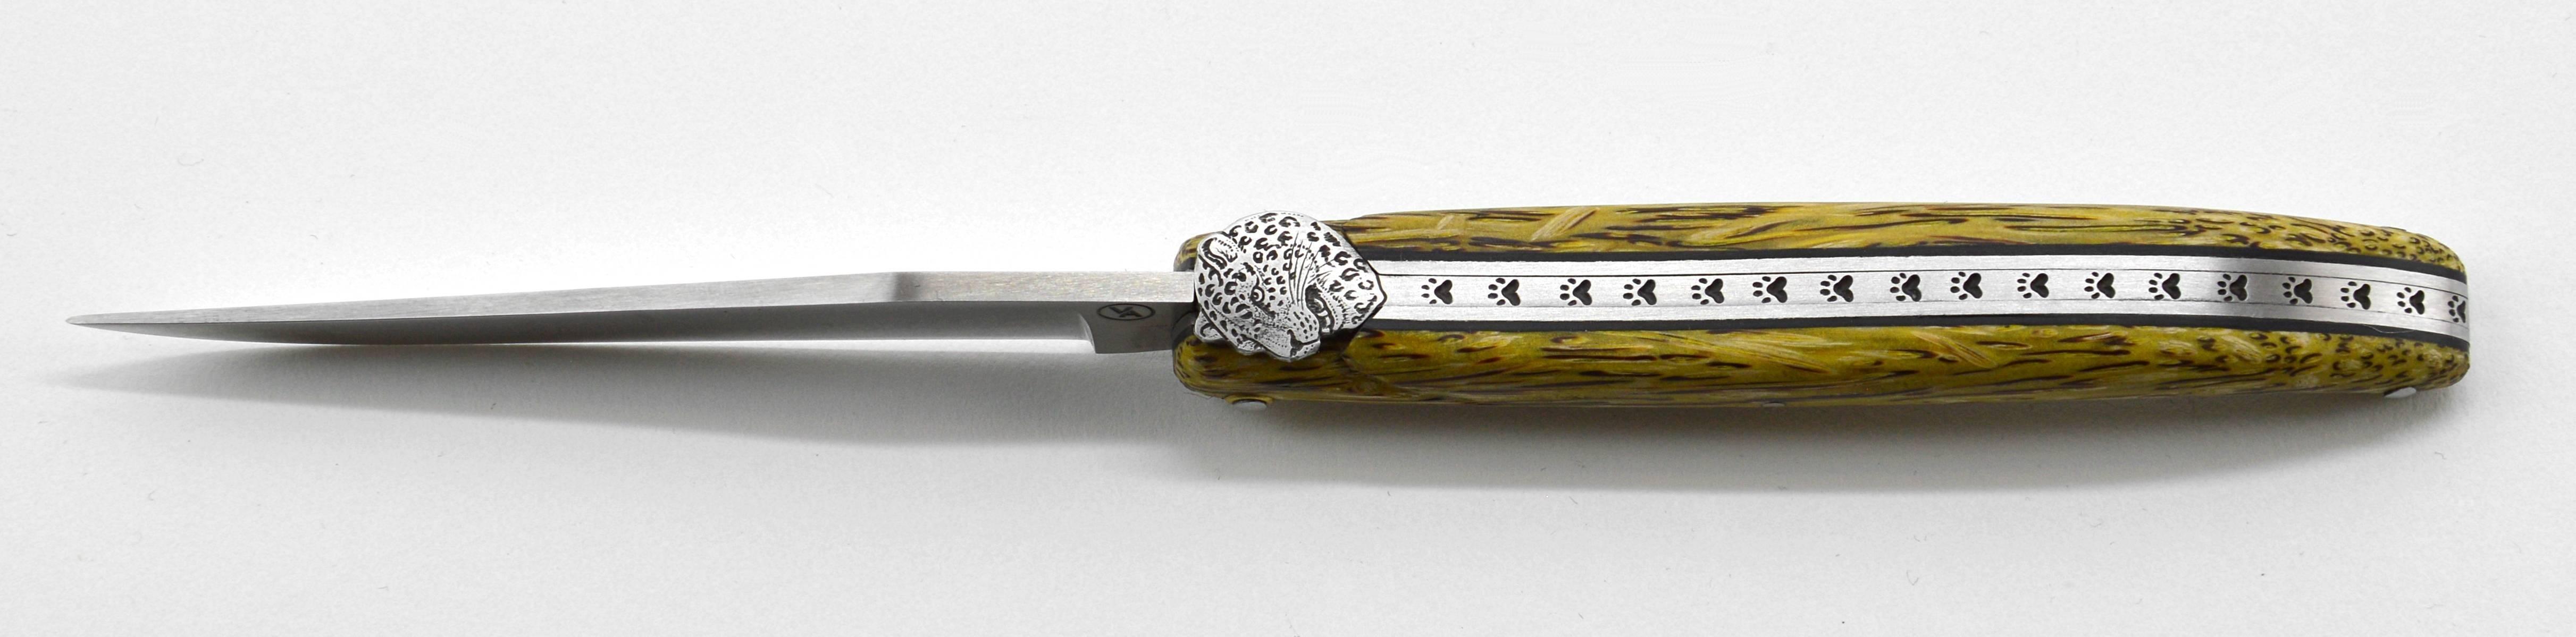 page little our p com archive forums growing is index jaguar richard t up knives